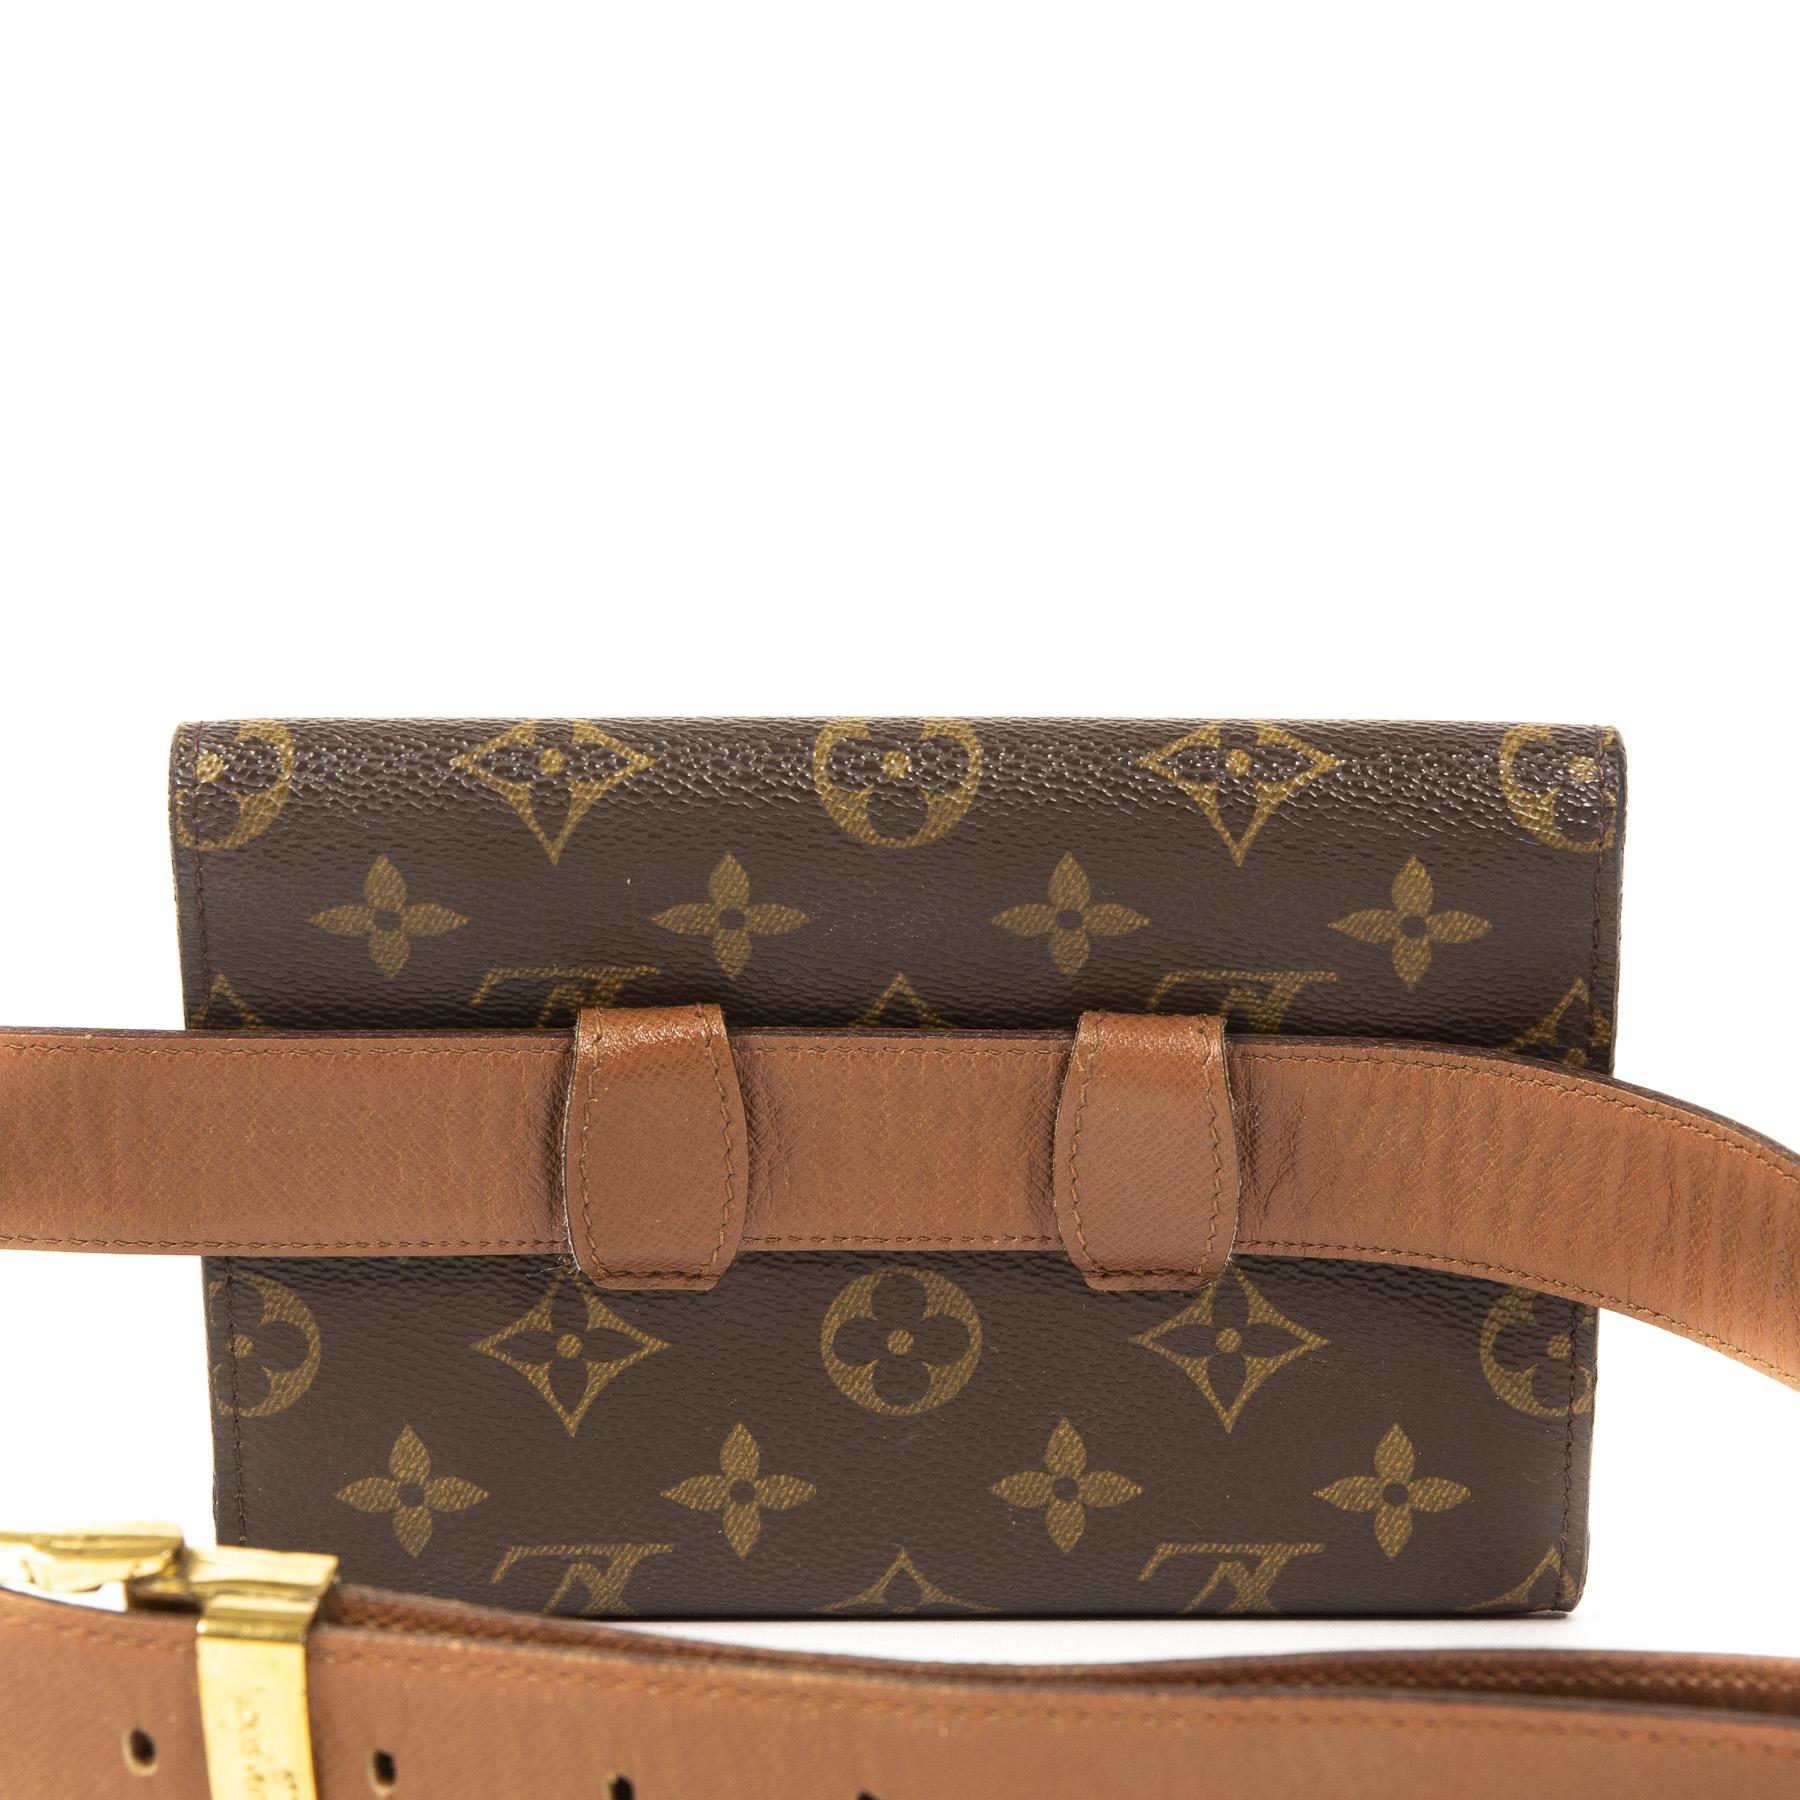 Authentieke Tweedehands Louis Vuitton Monogram Arche Belt Bag juiste prijs veilig online shoppen luxe merken webshop winkelen Antwerpen België mode fashion